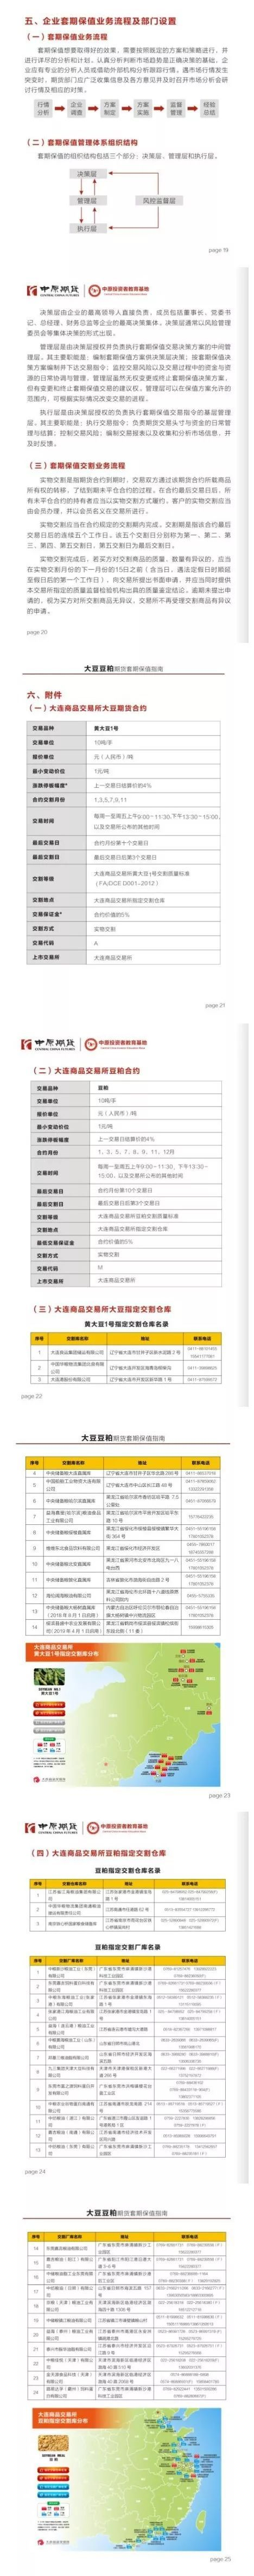 【新书连载】大豆豆粕期货 套期保值指南(三)